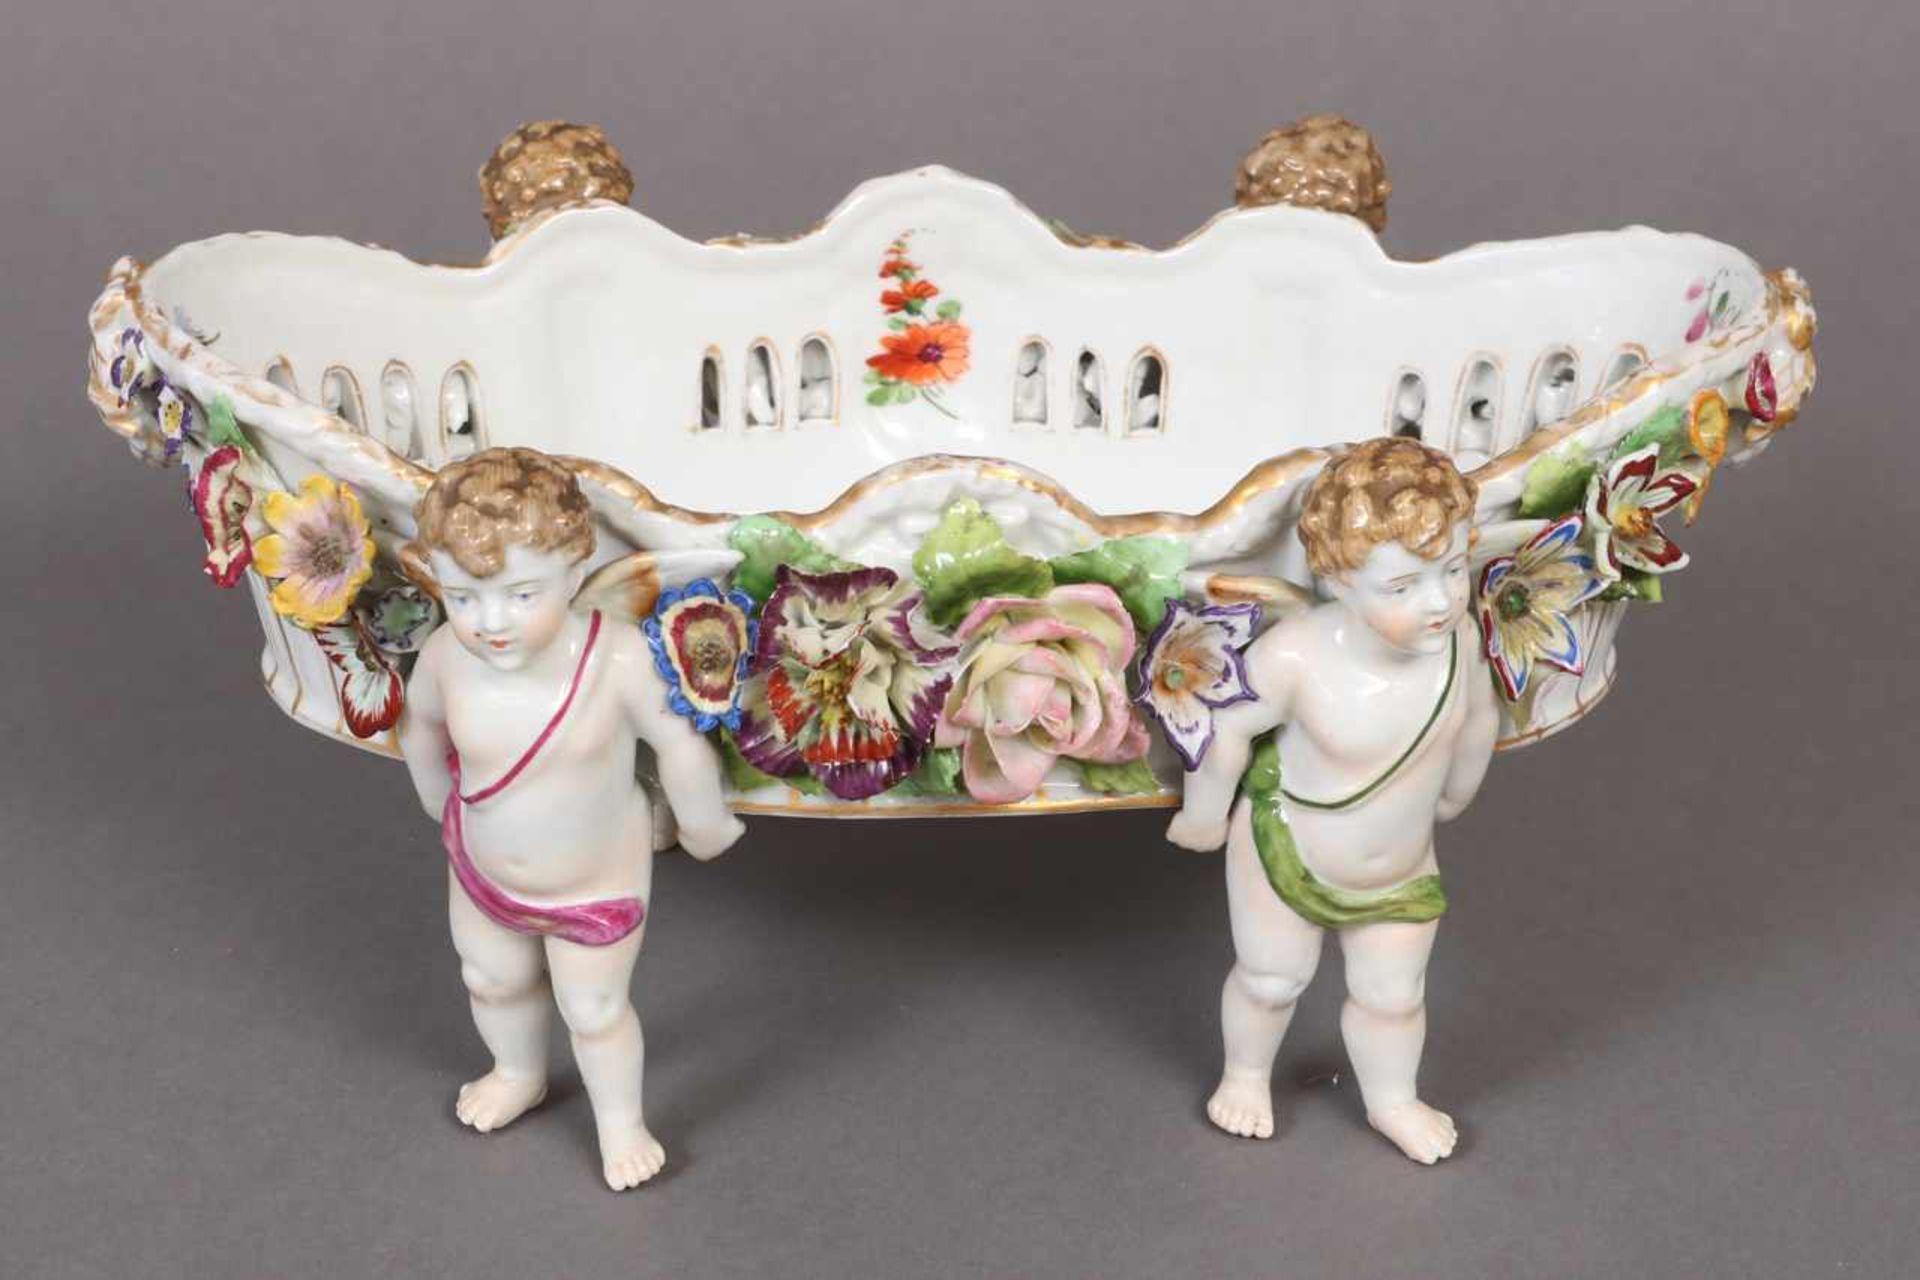 Los 8 - SCHIERHOLZ/PLAUE Porzellan-Jardiniere um 1907-1927, von 4 Amoretten getragene ovale Schale,